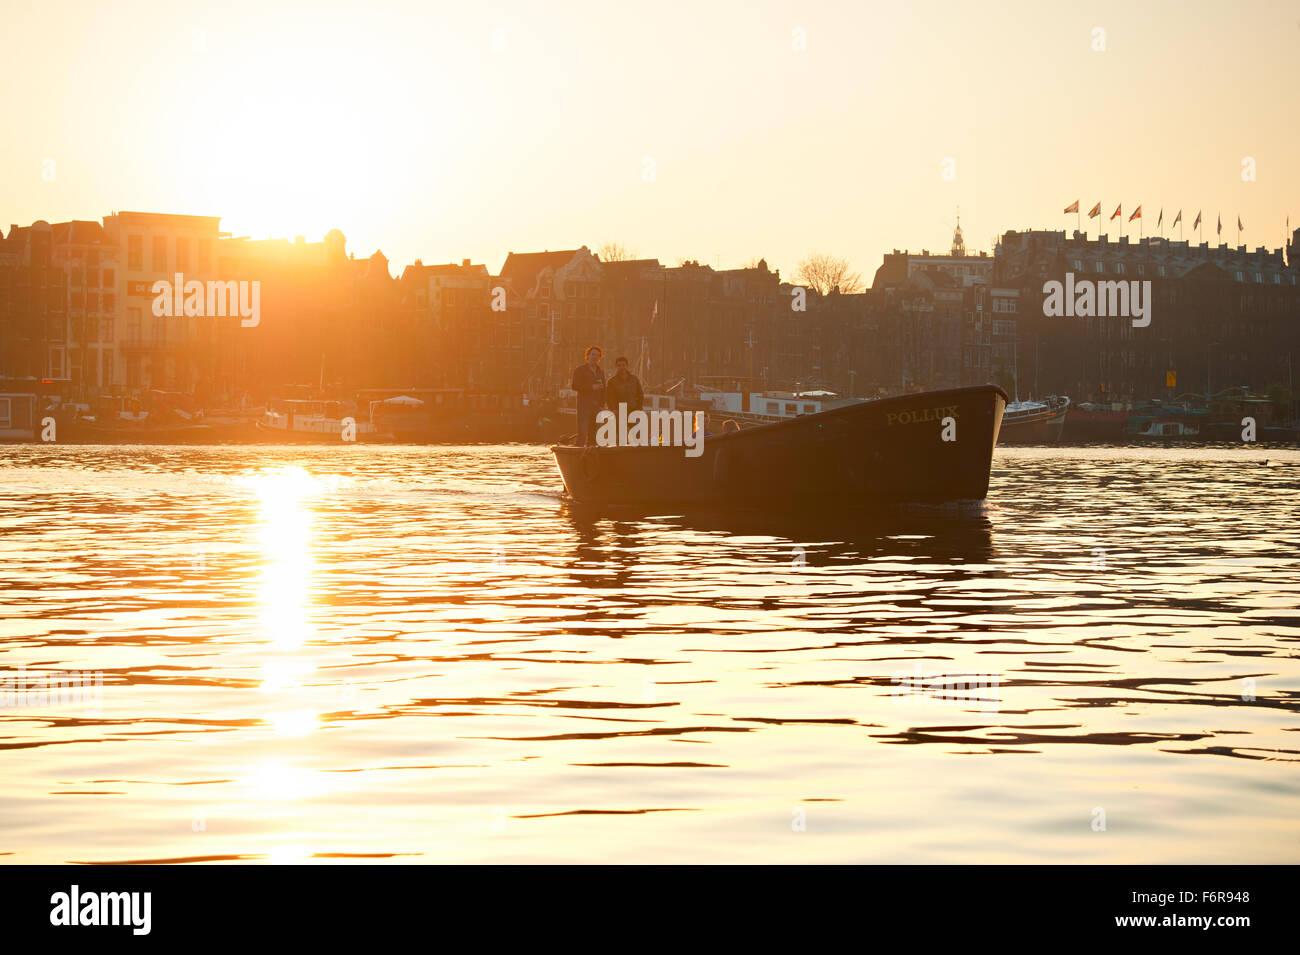 La gente durante el viaje en bote en un canal de Amsterdam al atardecer. Imagen De Stock